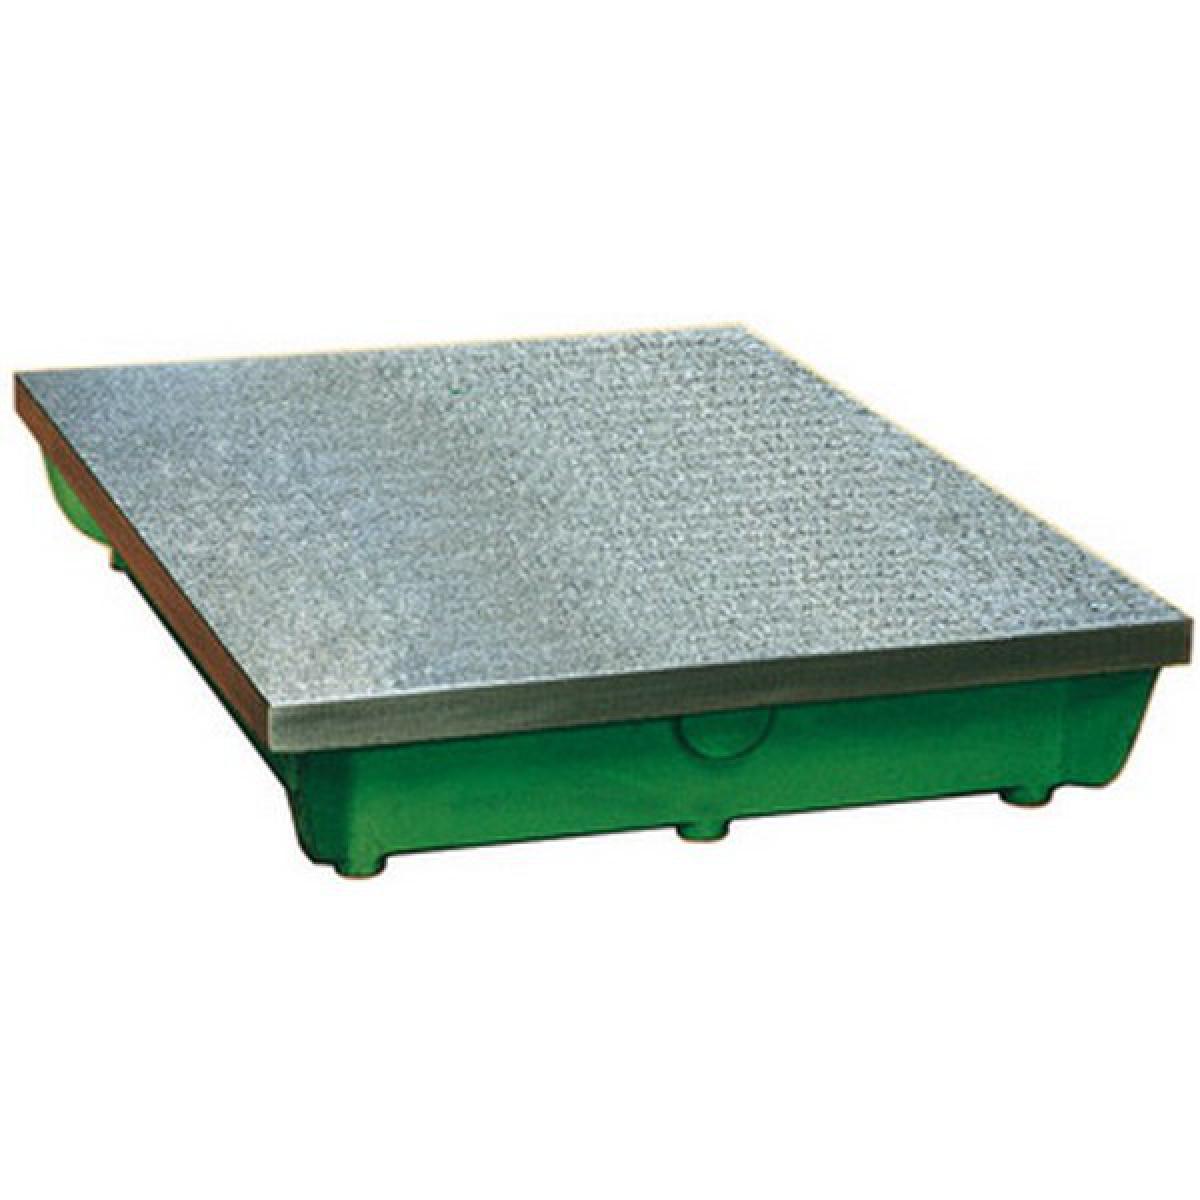 Protec Plaque à tracer et à dresser, qualité 1, Taille : 500 x 500 mm, Précision µm qualité 1 15, Poids env. 50 kg